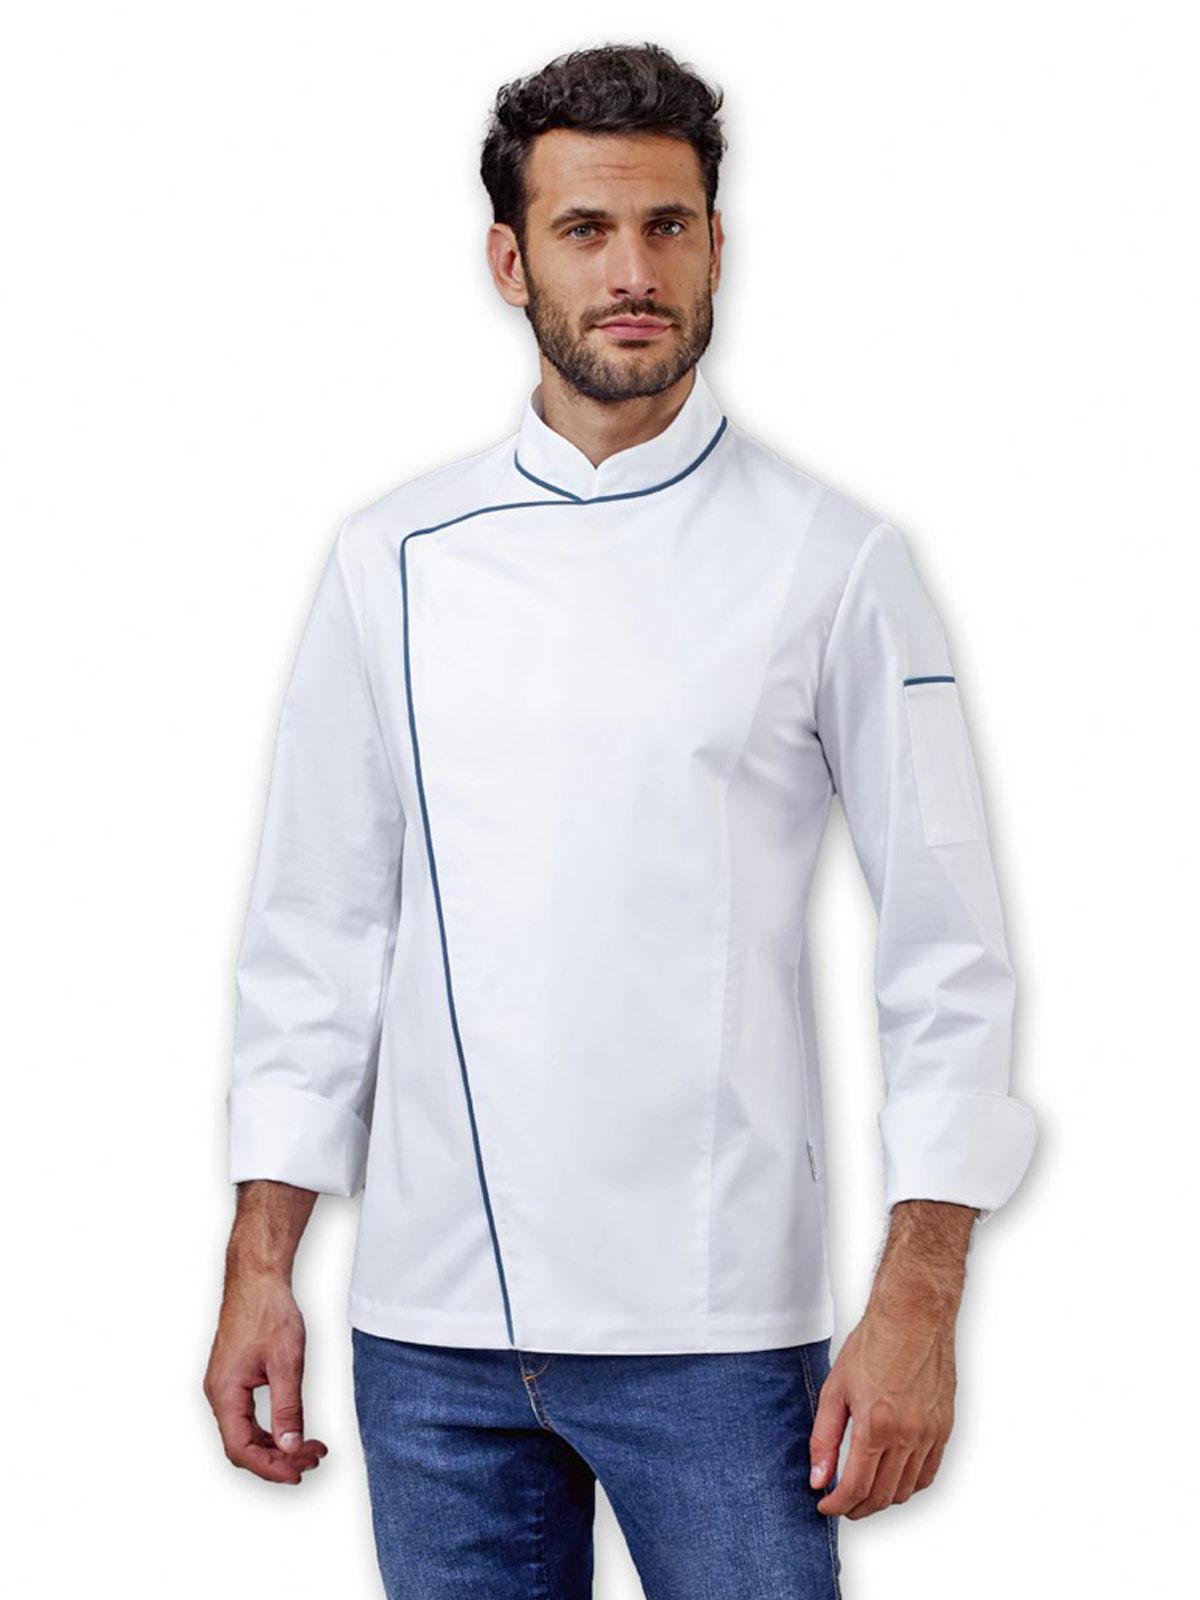 Giacca da cuoco Alan Siggi personalizzabili 8da2991365b0